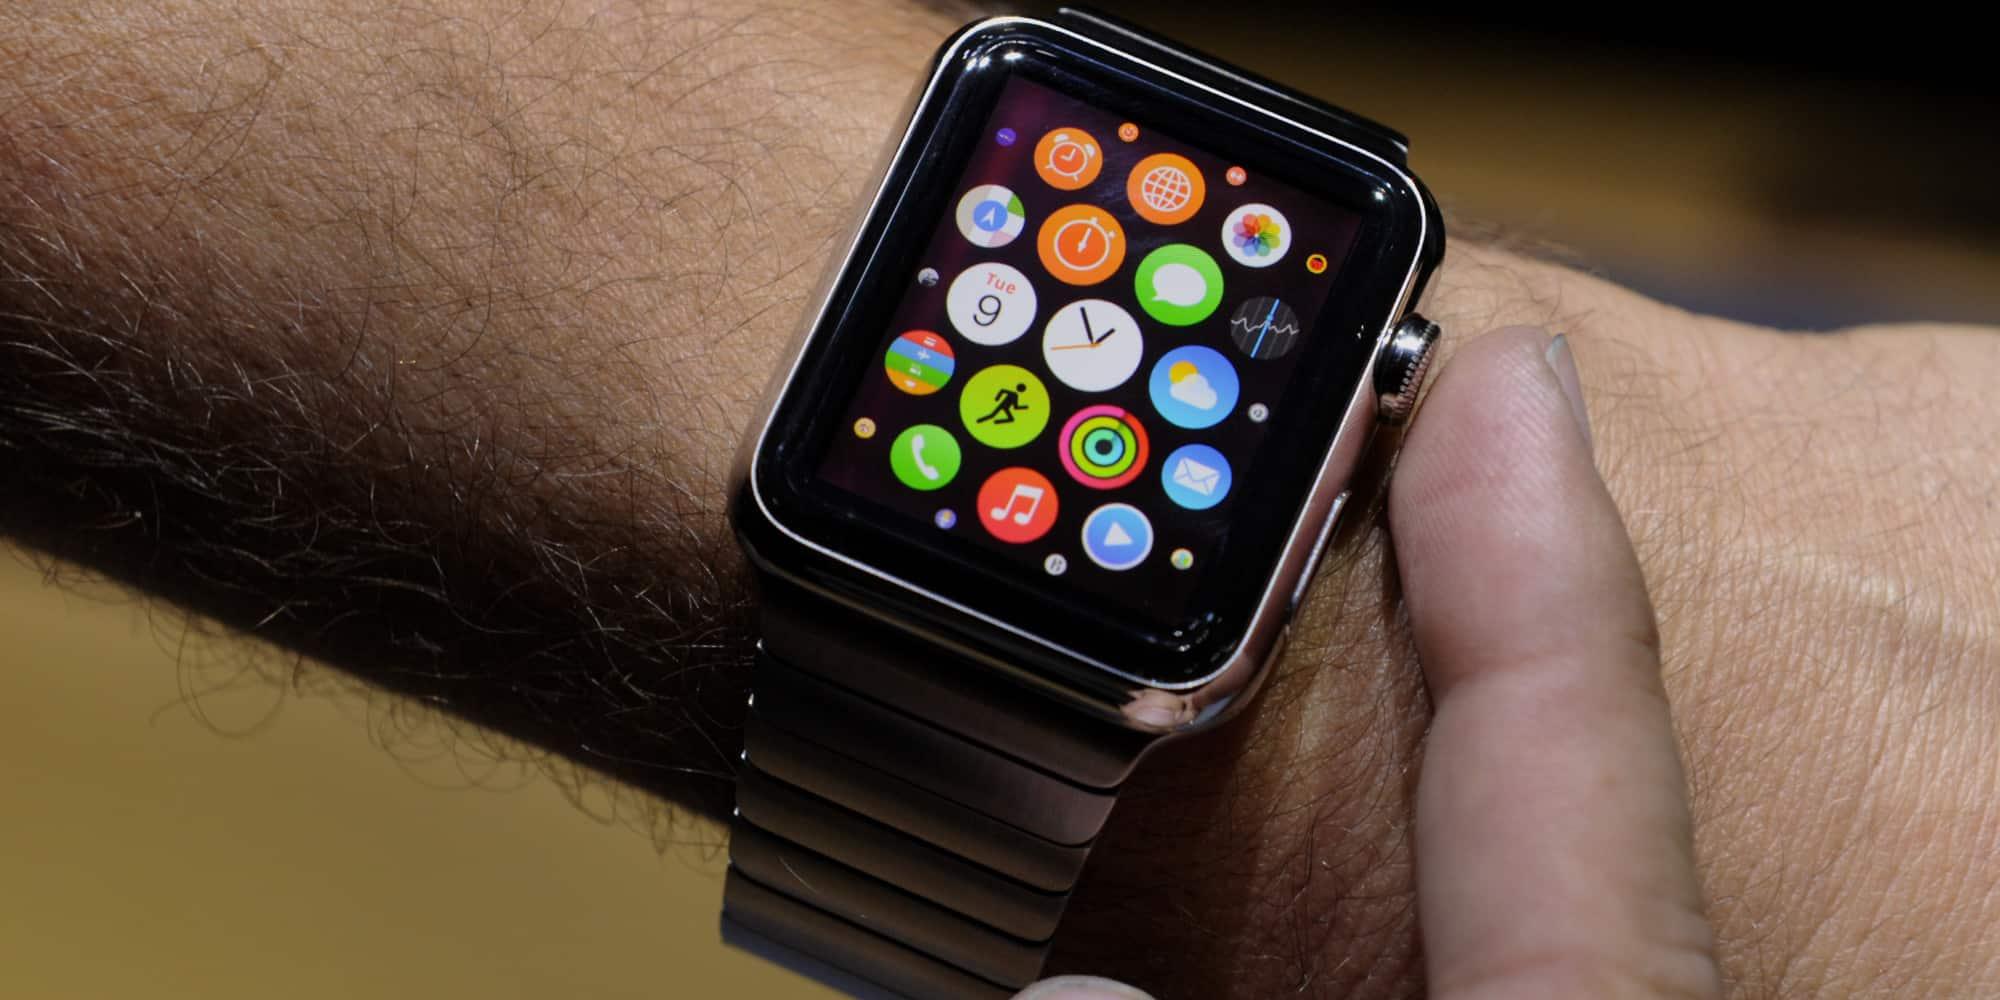 Apple Watch consiguió un millón de reservas en solo 24 horas en Estados Unidos.